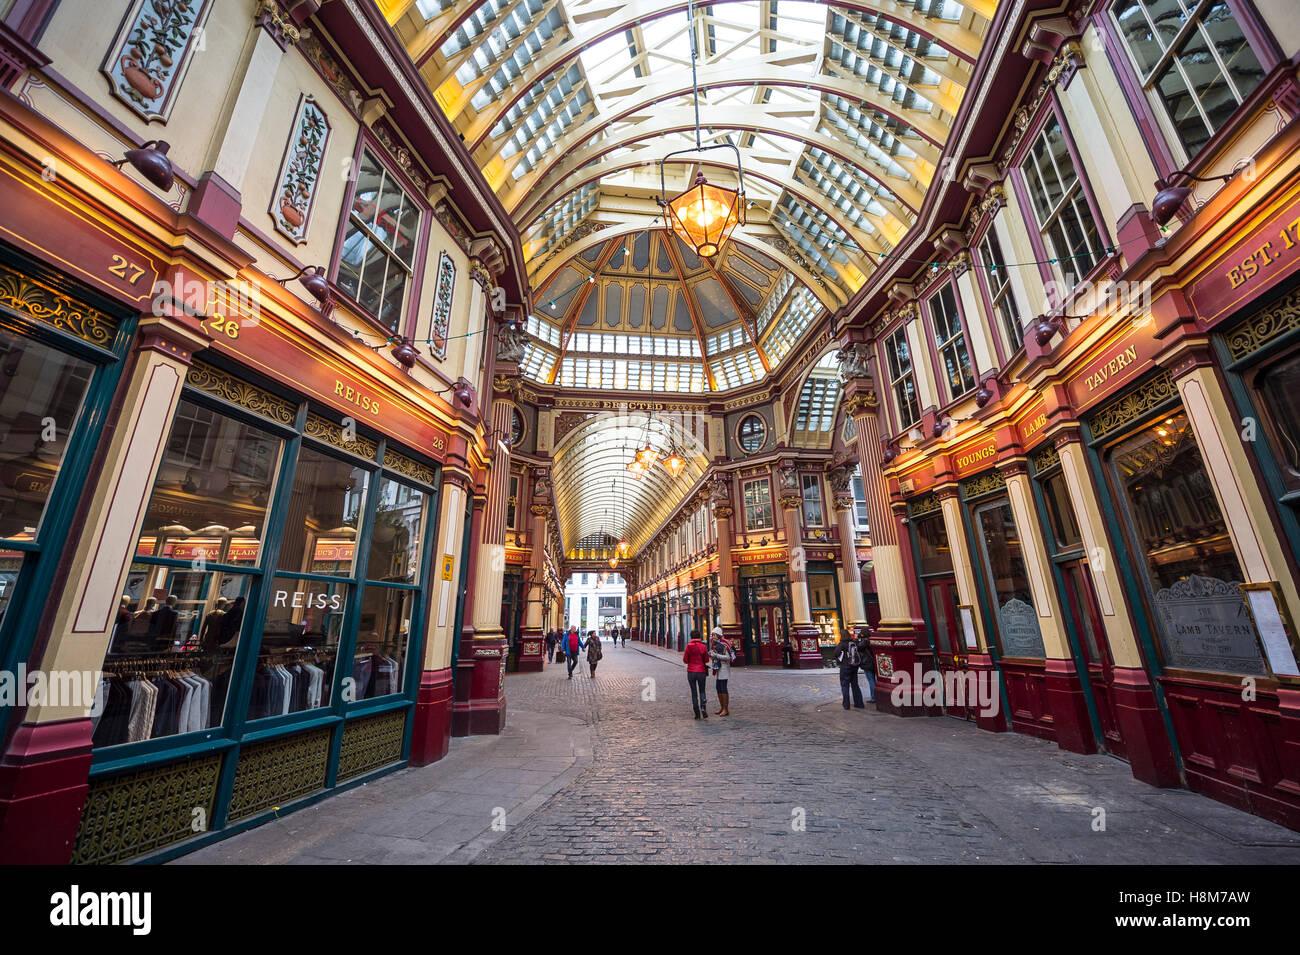 LONDON - 3. November 2016: Herbst Licht dringt durch die viktorianischen Arcade Leadenhall Market, erbaut im 19. Stockbild